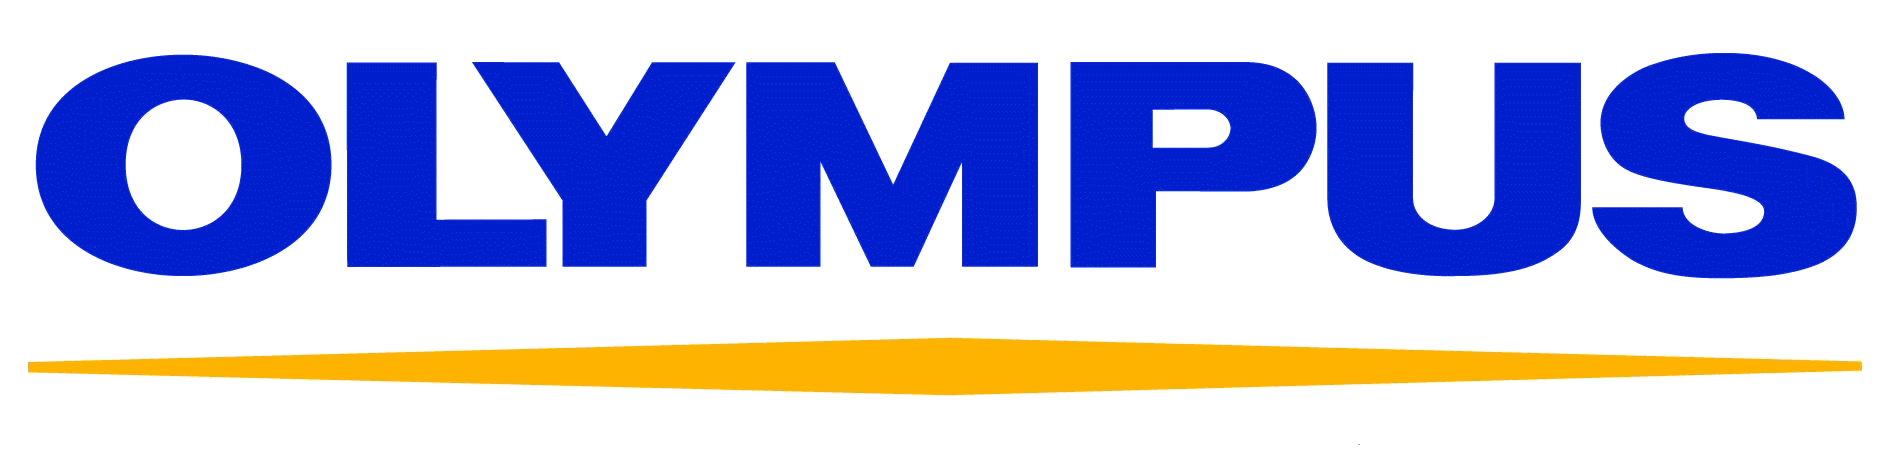 Olympuslogo